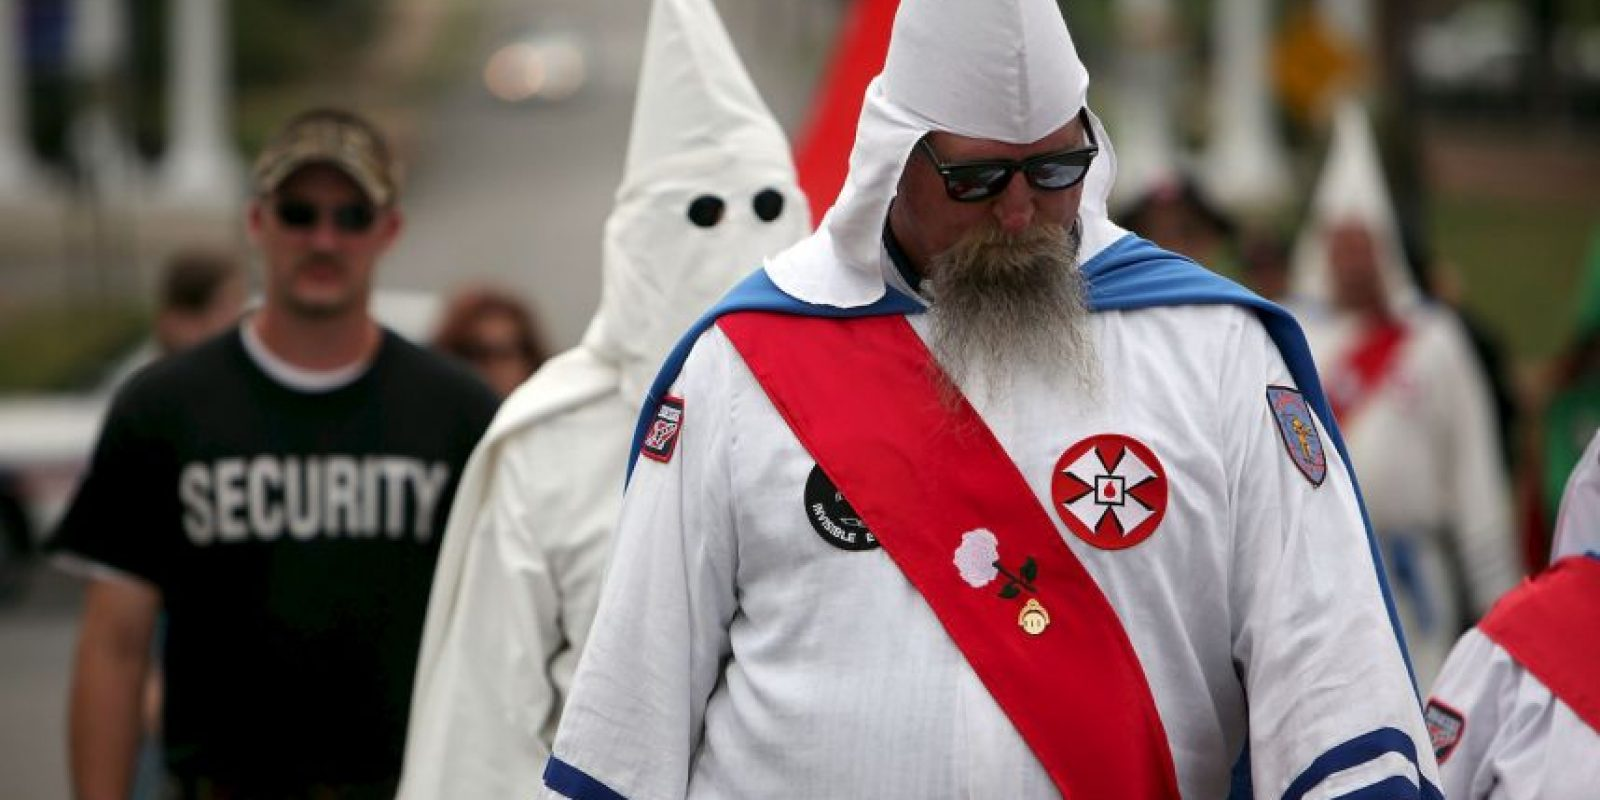 El KKK moderno ha sido repudiado por los medios de comunicación, líderes políticos y religiosos de los Estados Unidos. Foto:Getty Images